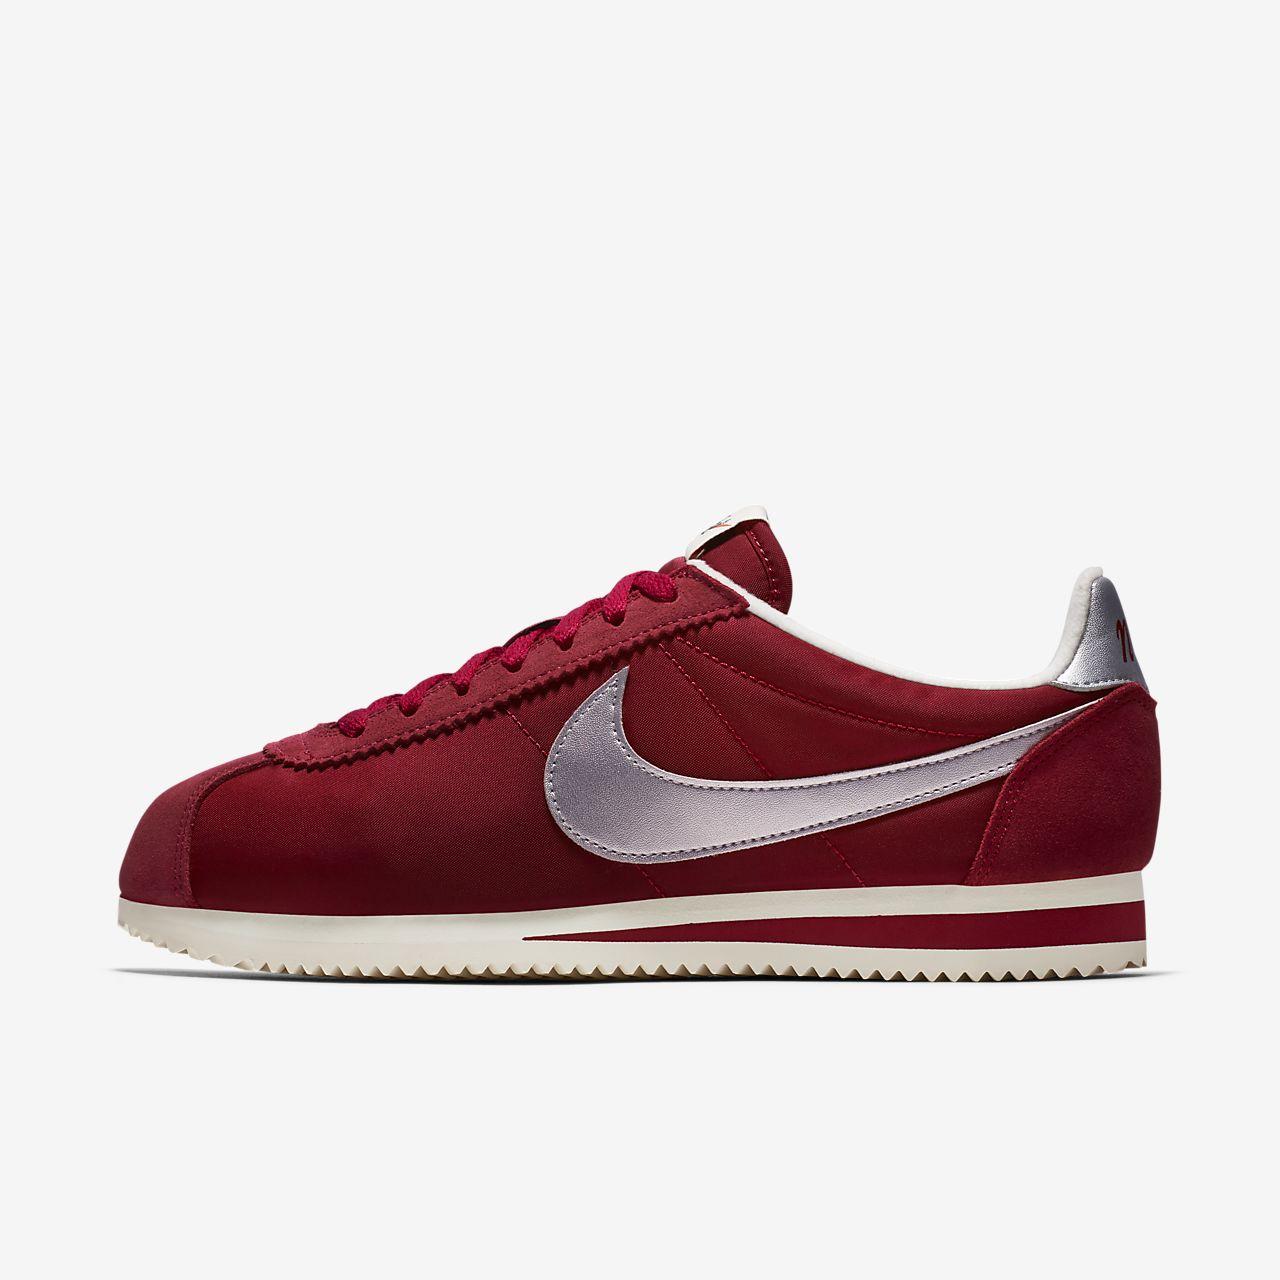 Nike Classic Cortez Nylon PREM 男子运动鞋